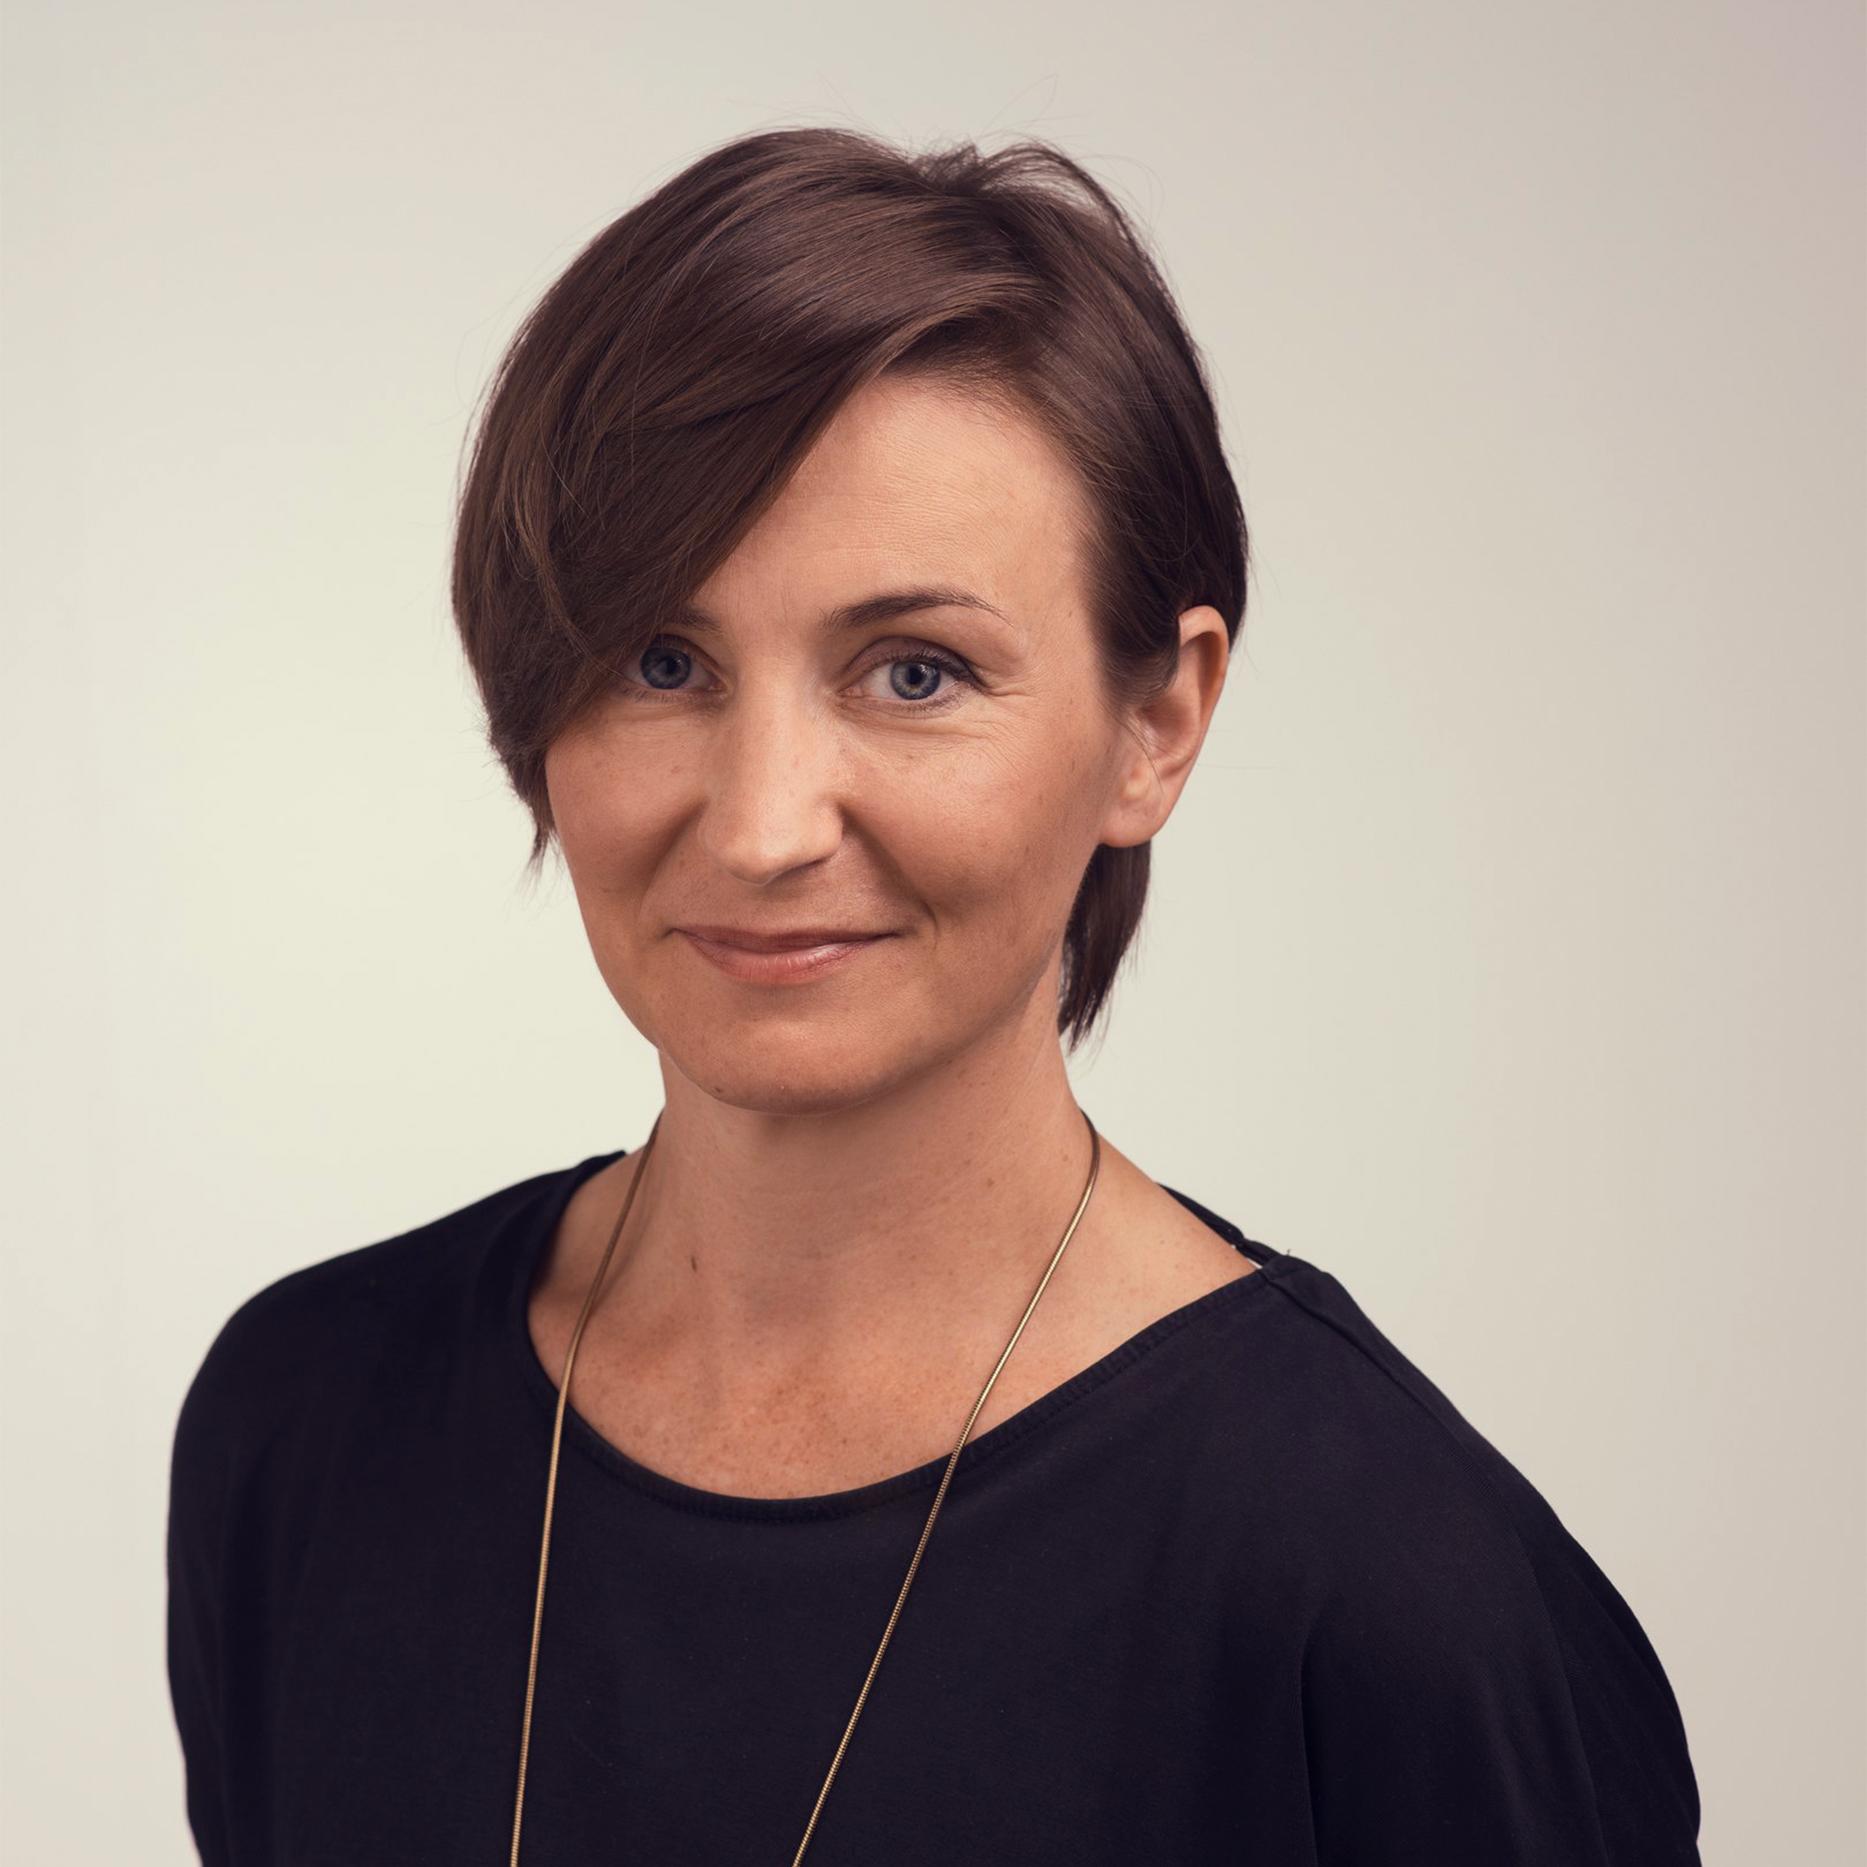 Tanja Haarla